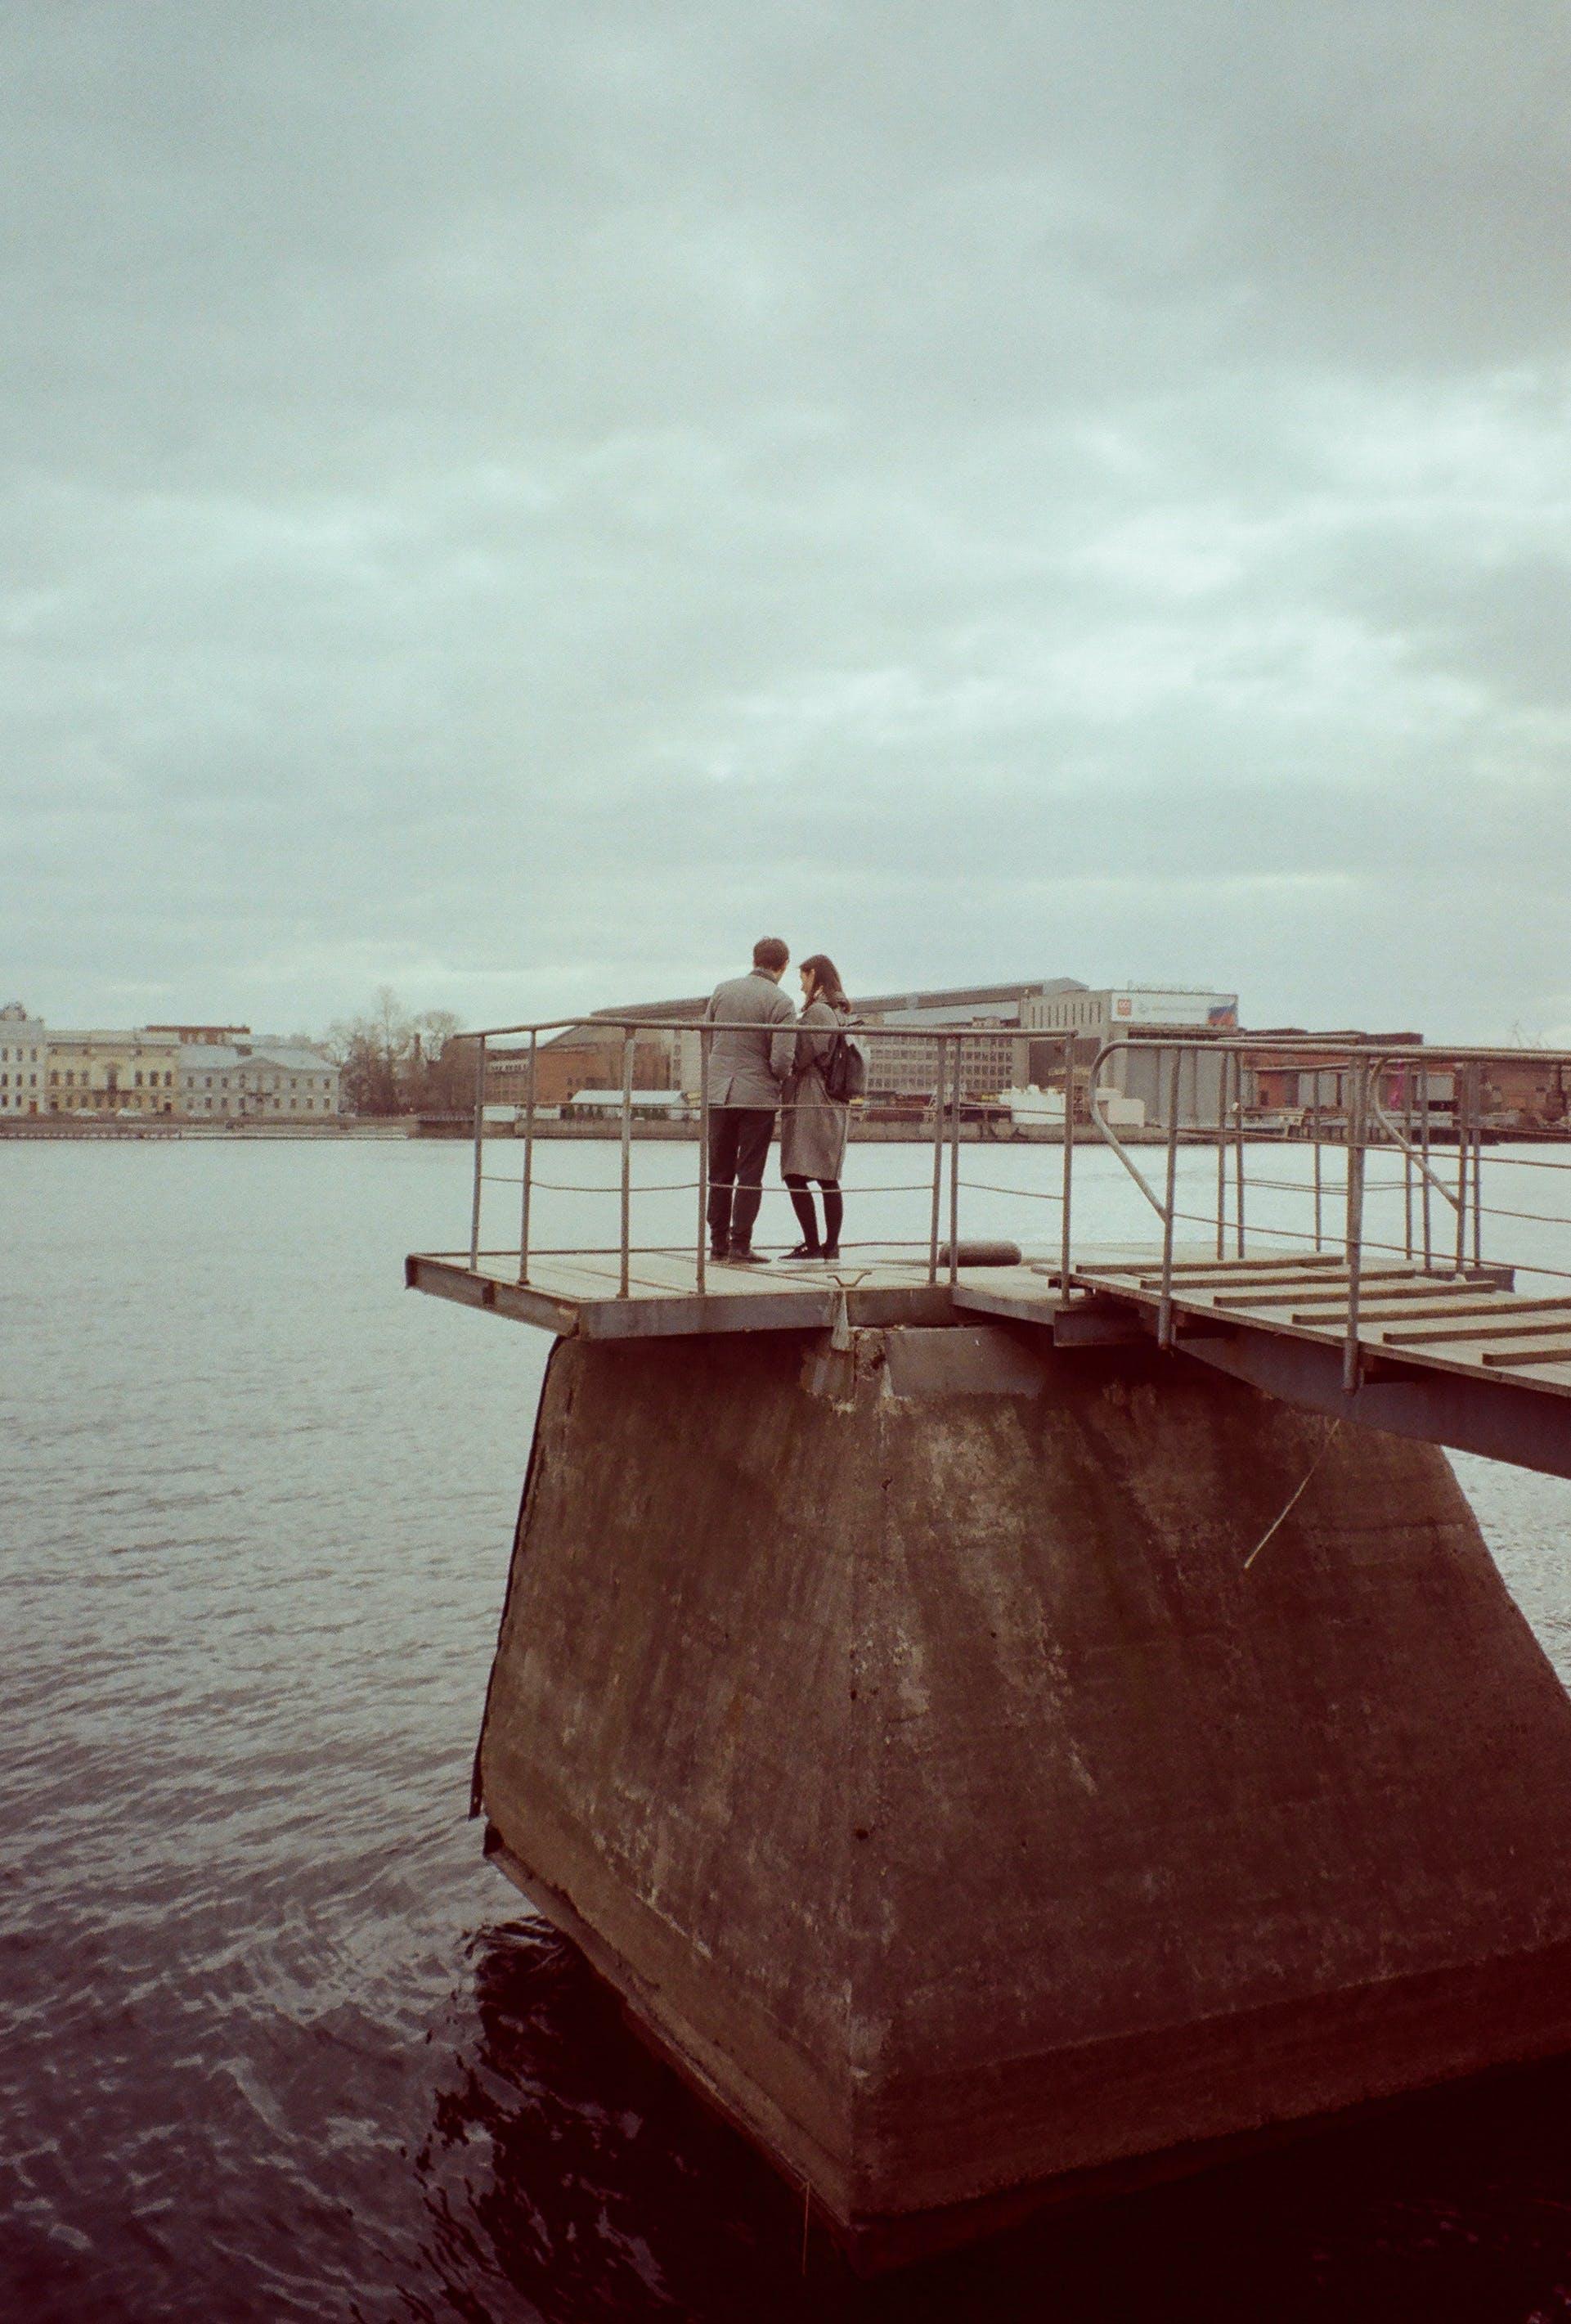 Gratis stockfoto met brug, buiten, dok, gebied met water